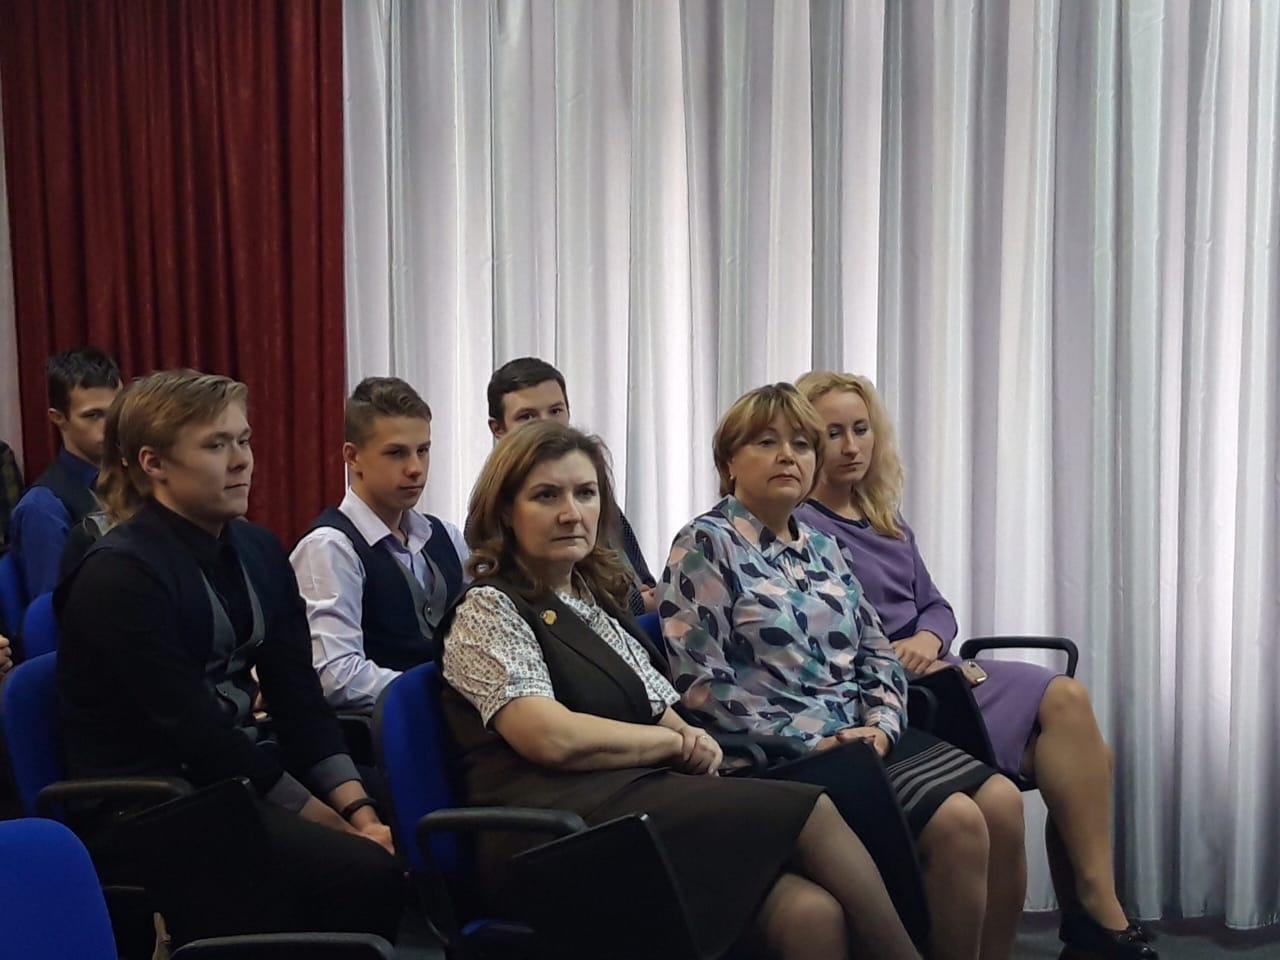 10 декабря в МОБУ «Волховская СОШ №1» прошел Единый урок прав человека для обучающихся 10-11 классов и педагогов .